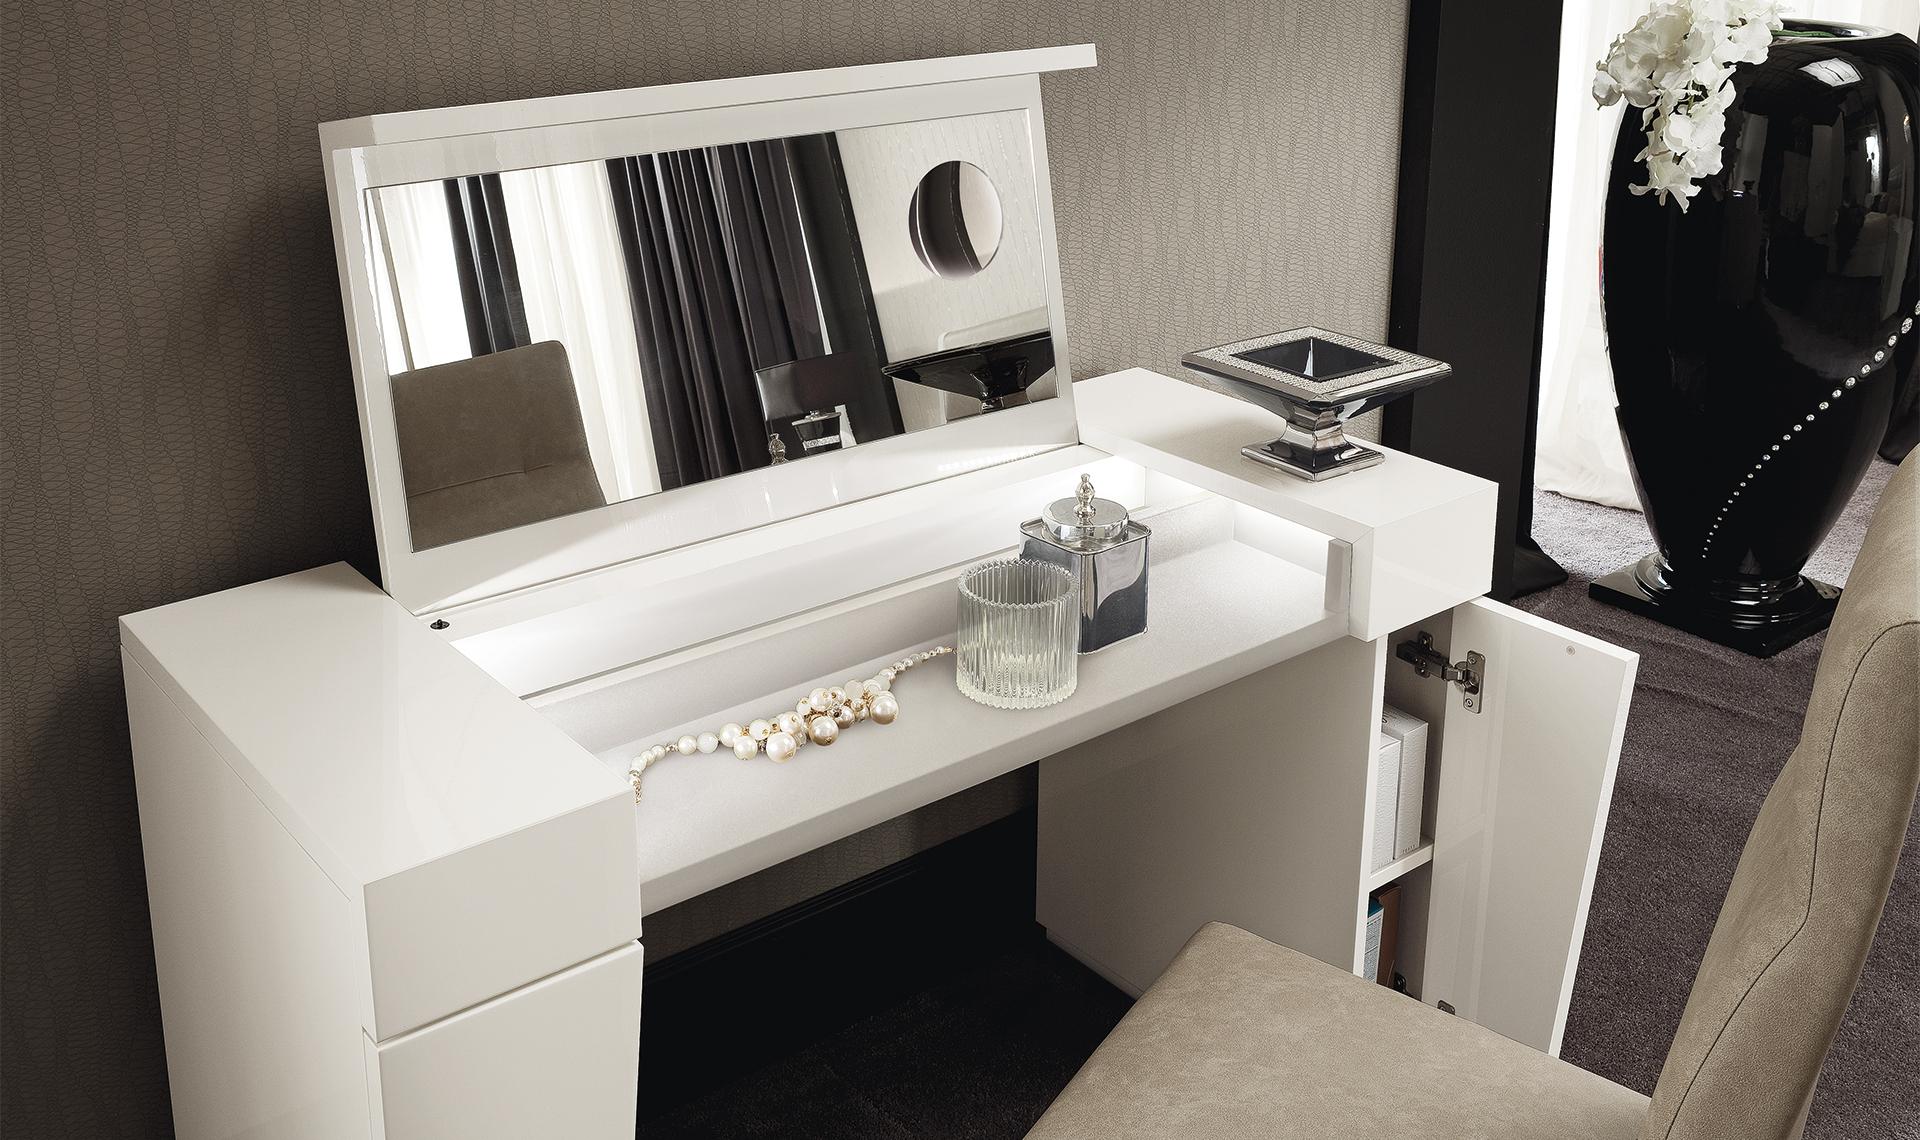 Canova Bedroom Vanity Details